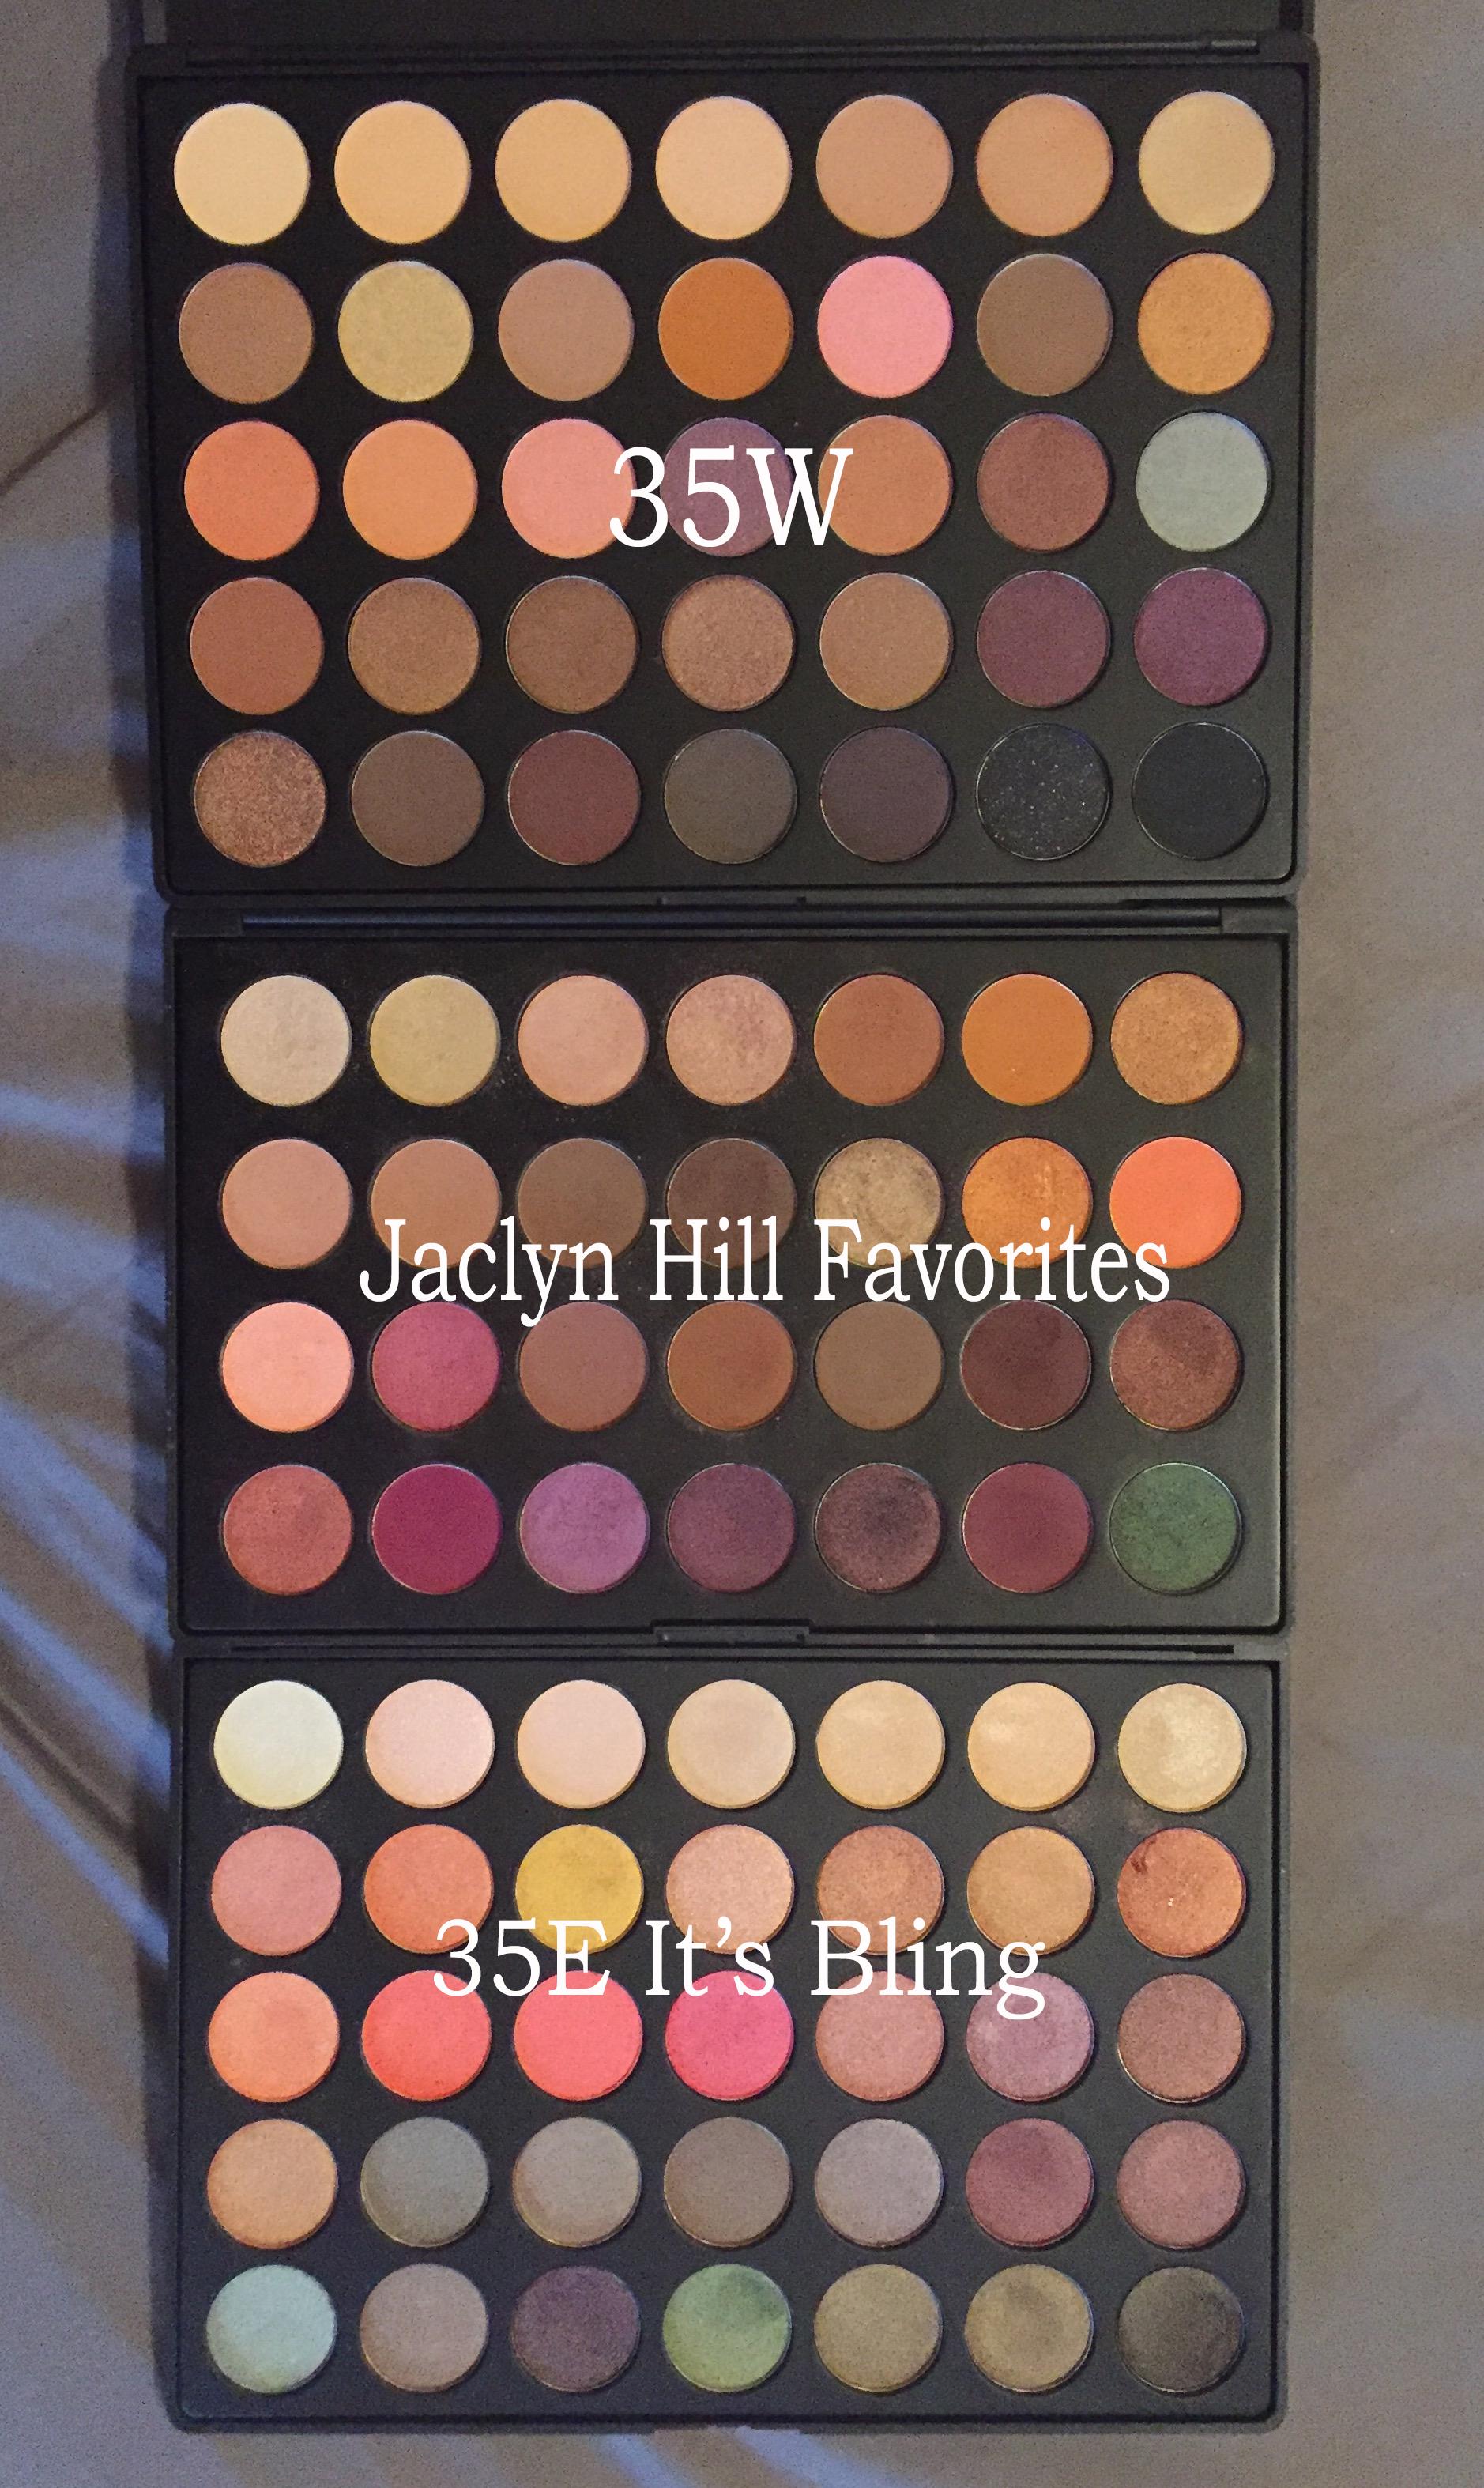 Jaclyn Hill Makeup Palette Morphe Mugeek Vidalondon